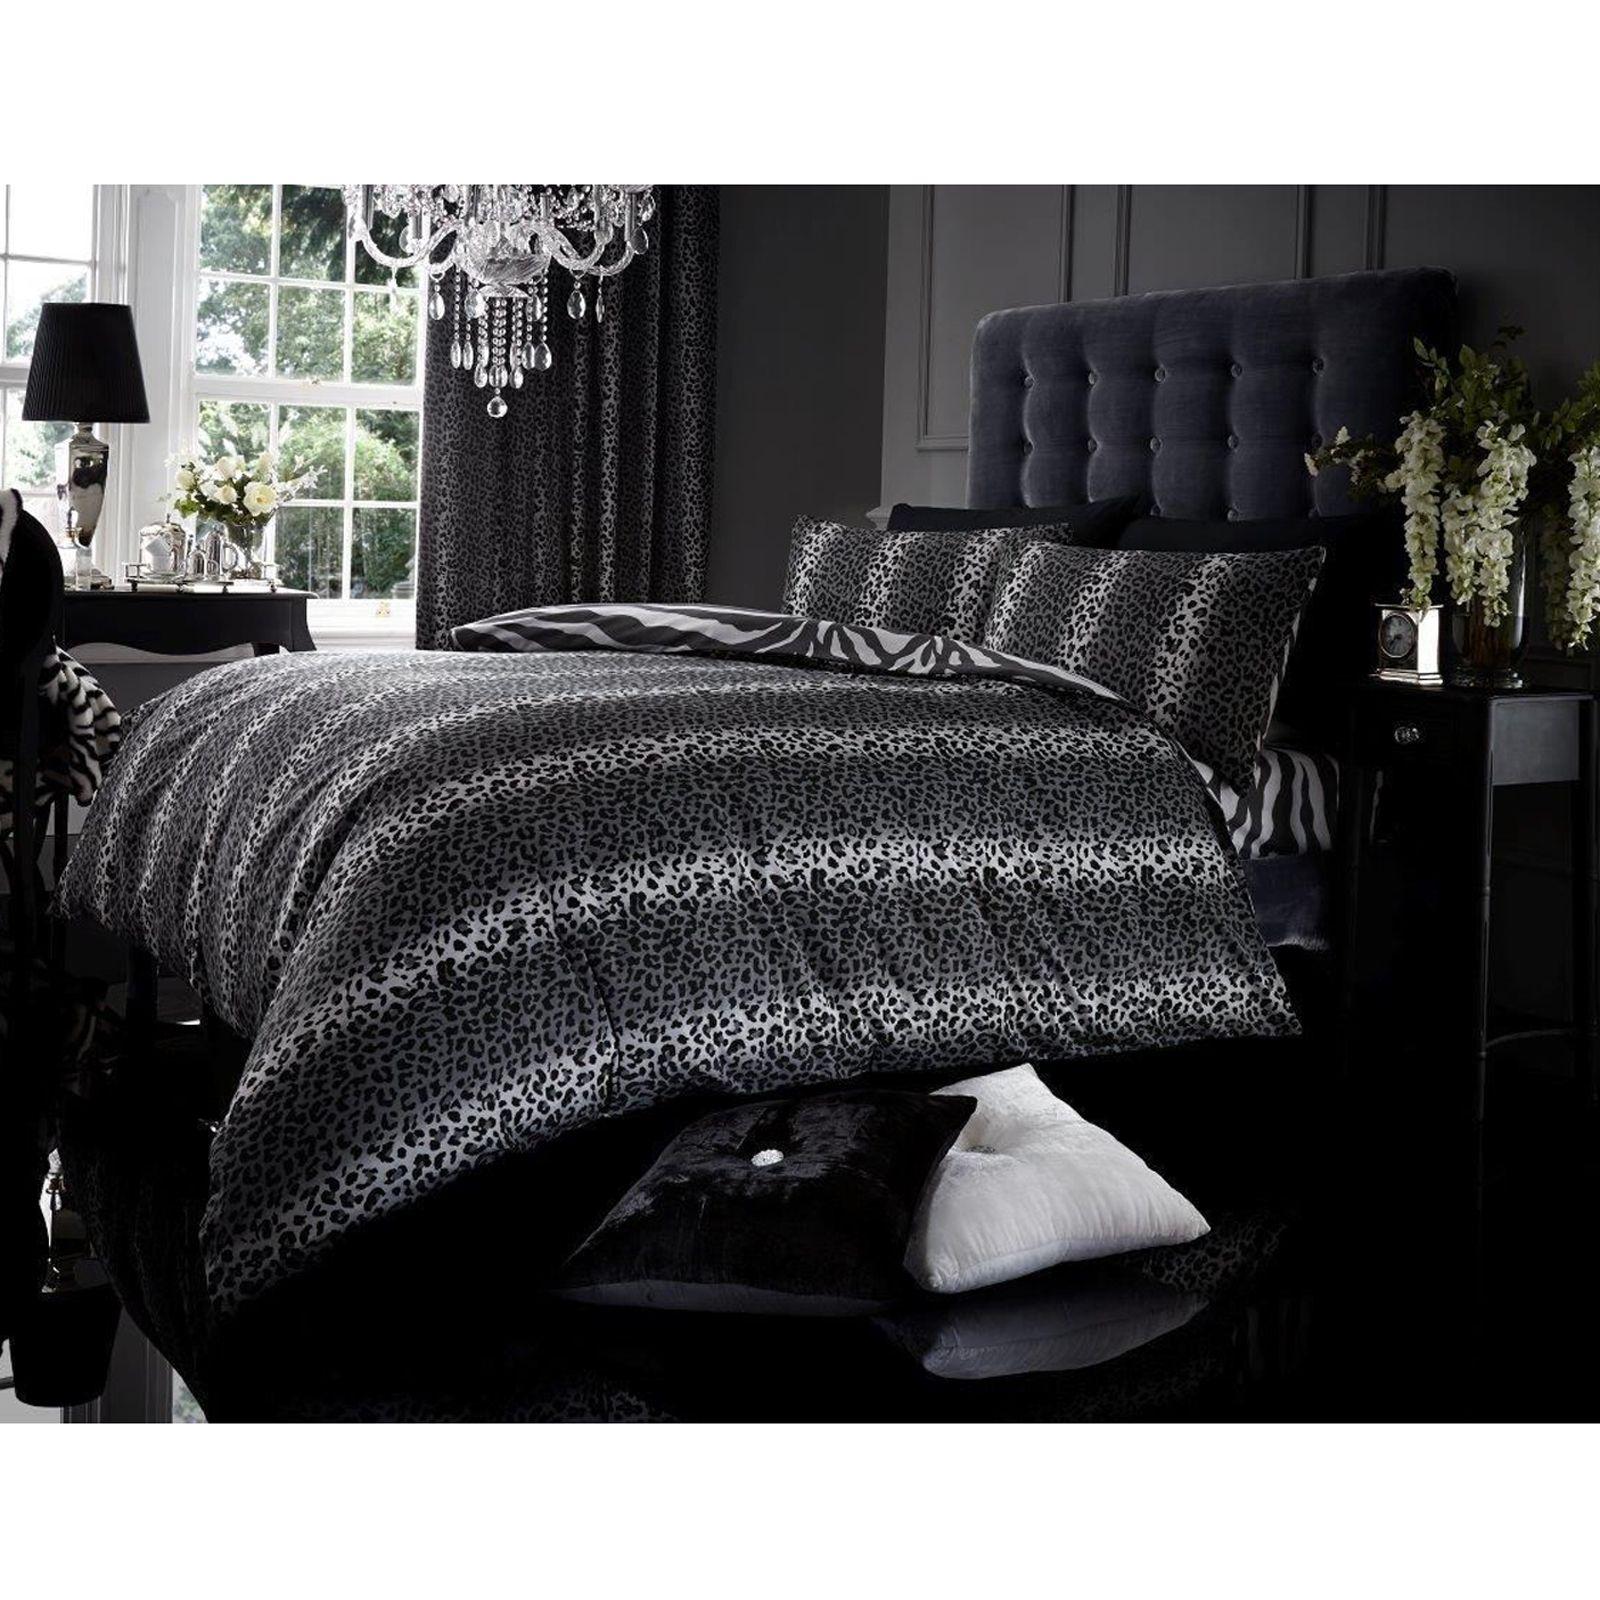 leoparden druck tigerfell wendbarer bettbezug einzelbett grau schwarz ebay. Black Bedroom Furniture Sets. Home Design Ideas